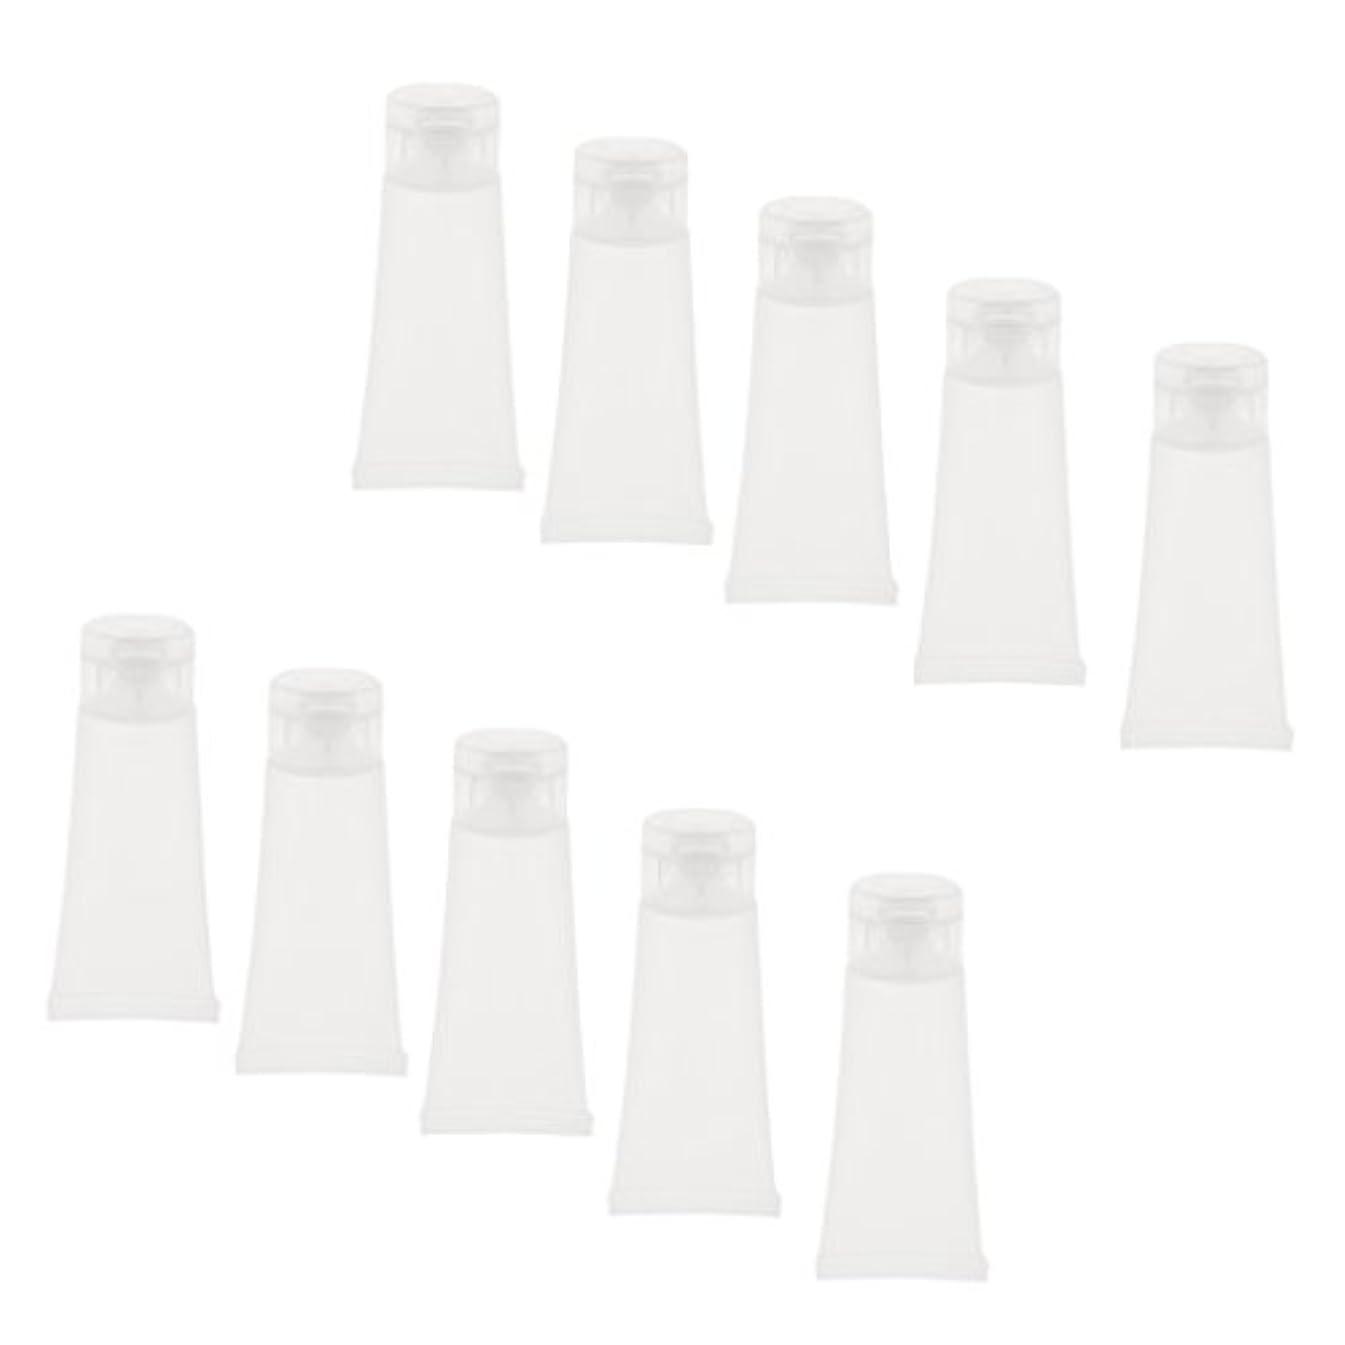 課す司法第四10個 空チューブ クリームチューブ 透明 プラスチック製 コスメ 詰替え メイクアップ ローション コンテナ 収納ボトル 2サイズ選べる - 15g